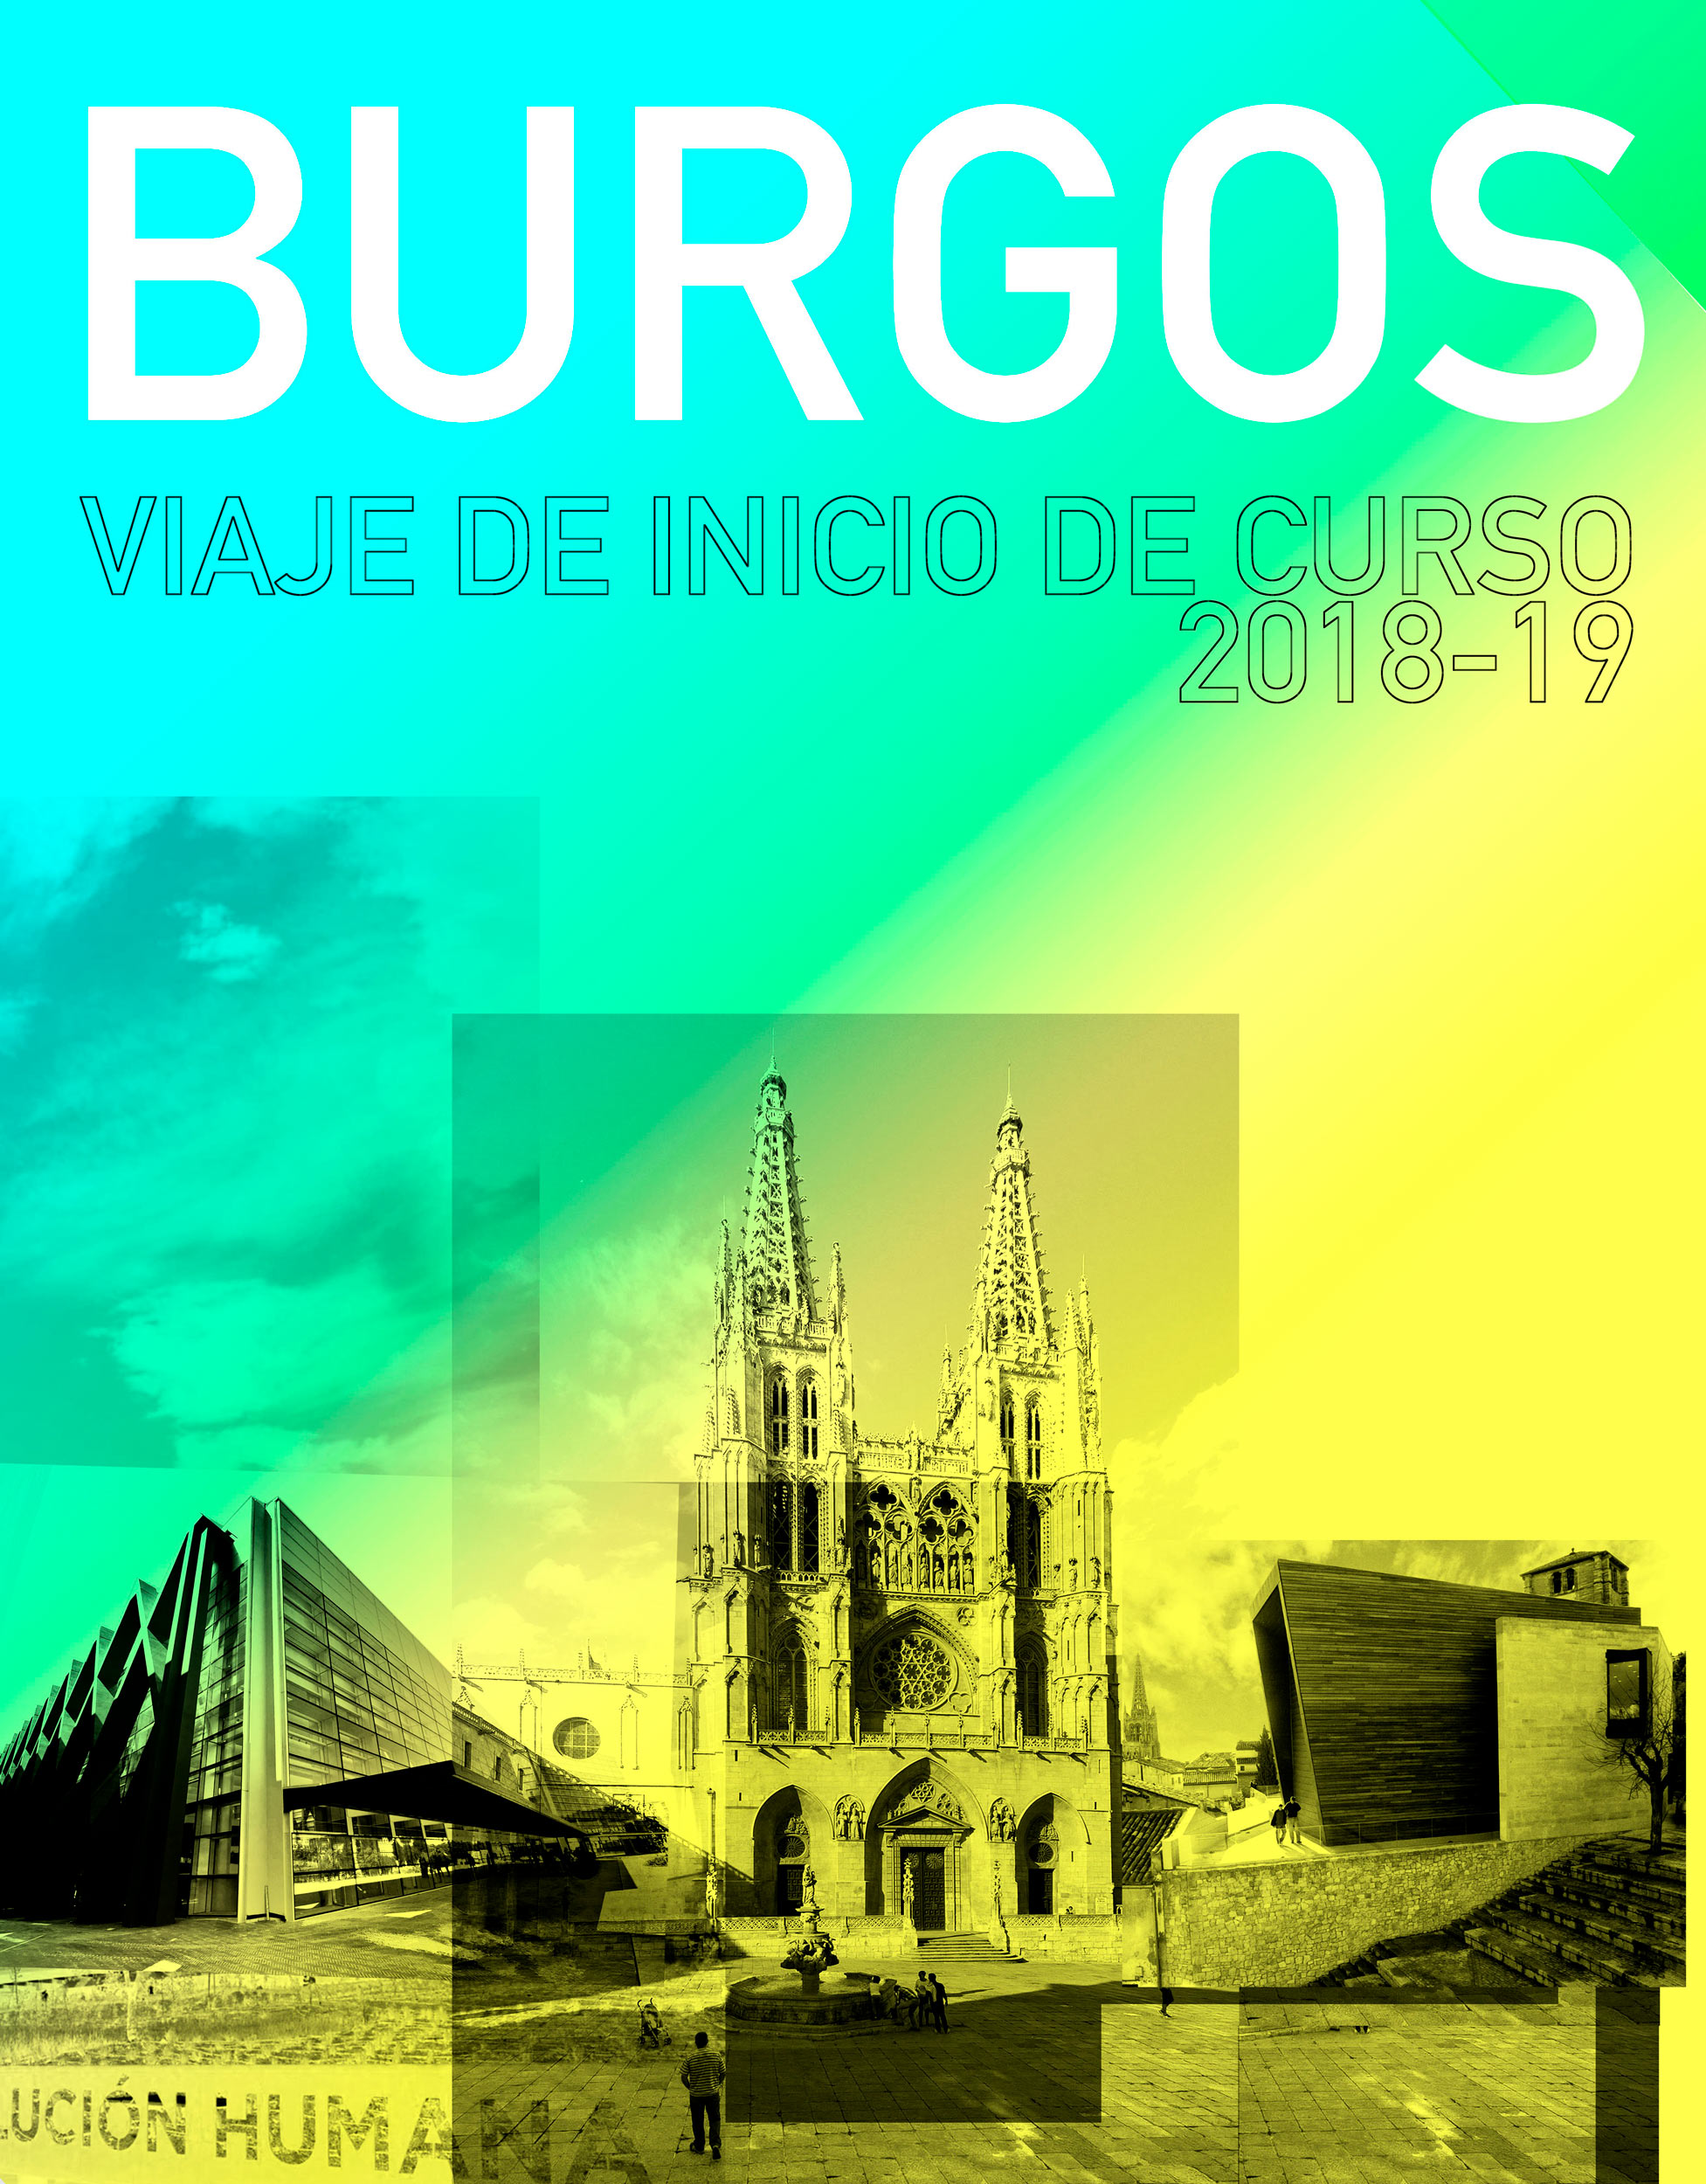 Viaje de Inicio de Curso a Burgos. 17 de Octubre.